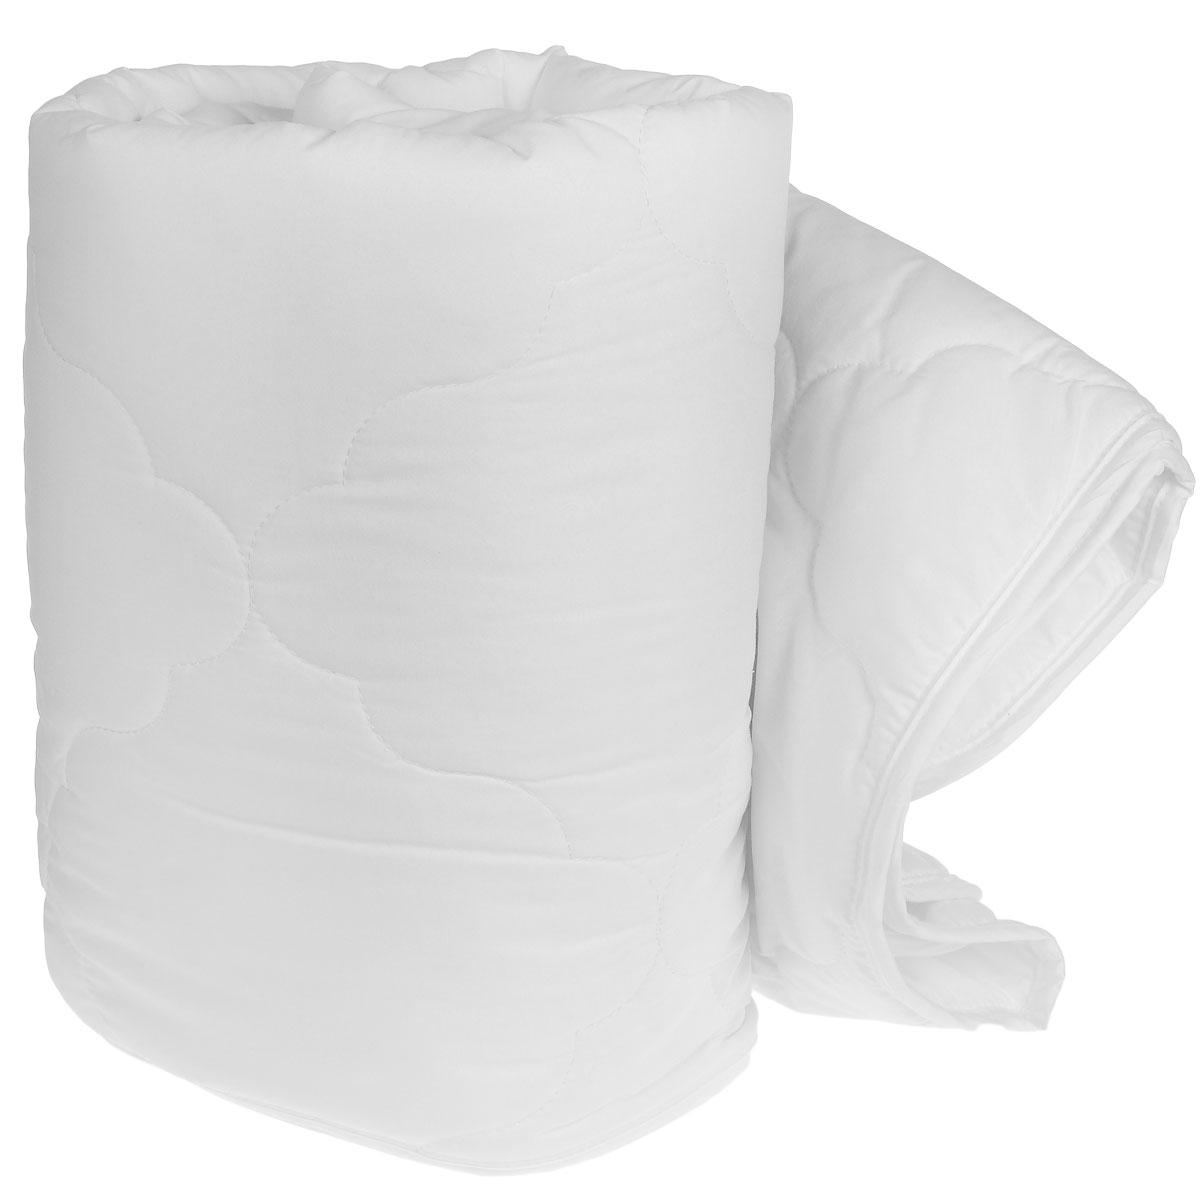 Одеяло легкое Green Line, наполнитель: бамбуковое волокно, цвет: белый, 172 х 205 см96281375Легкое одеяло Green Line подарит незабываемое чувство комфорта и уюта во время сна. Верх выполнен из ткани нового поколения из микрофиламентных нитей Ultratex. Внутри - наполнитель из бамбукового волокна. Это экологически чистый натуральный материал, который позаботится о вашем здоровье и подарит комфортный сон. Бамбук обеспечивает антибактериальную защиту и имеет оптимальную терморегуляцию. Стежка и кант по краю не позволяют наполнителю скатываться и равномерно удерживают его внутри. Одеяло легкое и тонкое - оно идеально подойдет для лета, под ним будет прохладно и комфортно спать в жару. Рекомендации по уходу: - ручная и машинная стирка при температуре 30°С, - не отбеливать, - нельзя отжимать и сушить в стиральной машине, - не гладить, - химчистка с мягкими растворителями, - сушить вертикально.Материал чехла: ткань Ultratex (100% полиэстер).Наполнитель: 50% бамбуковое волокно (100% вискоза), 50% высокоизвитое волокно (100% полиэстер). Размер: 172 см х 205 см. Вес наполнителя: 150 г/м2.